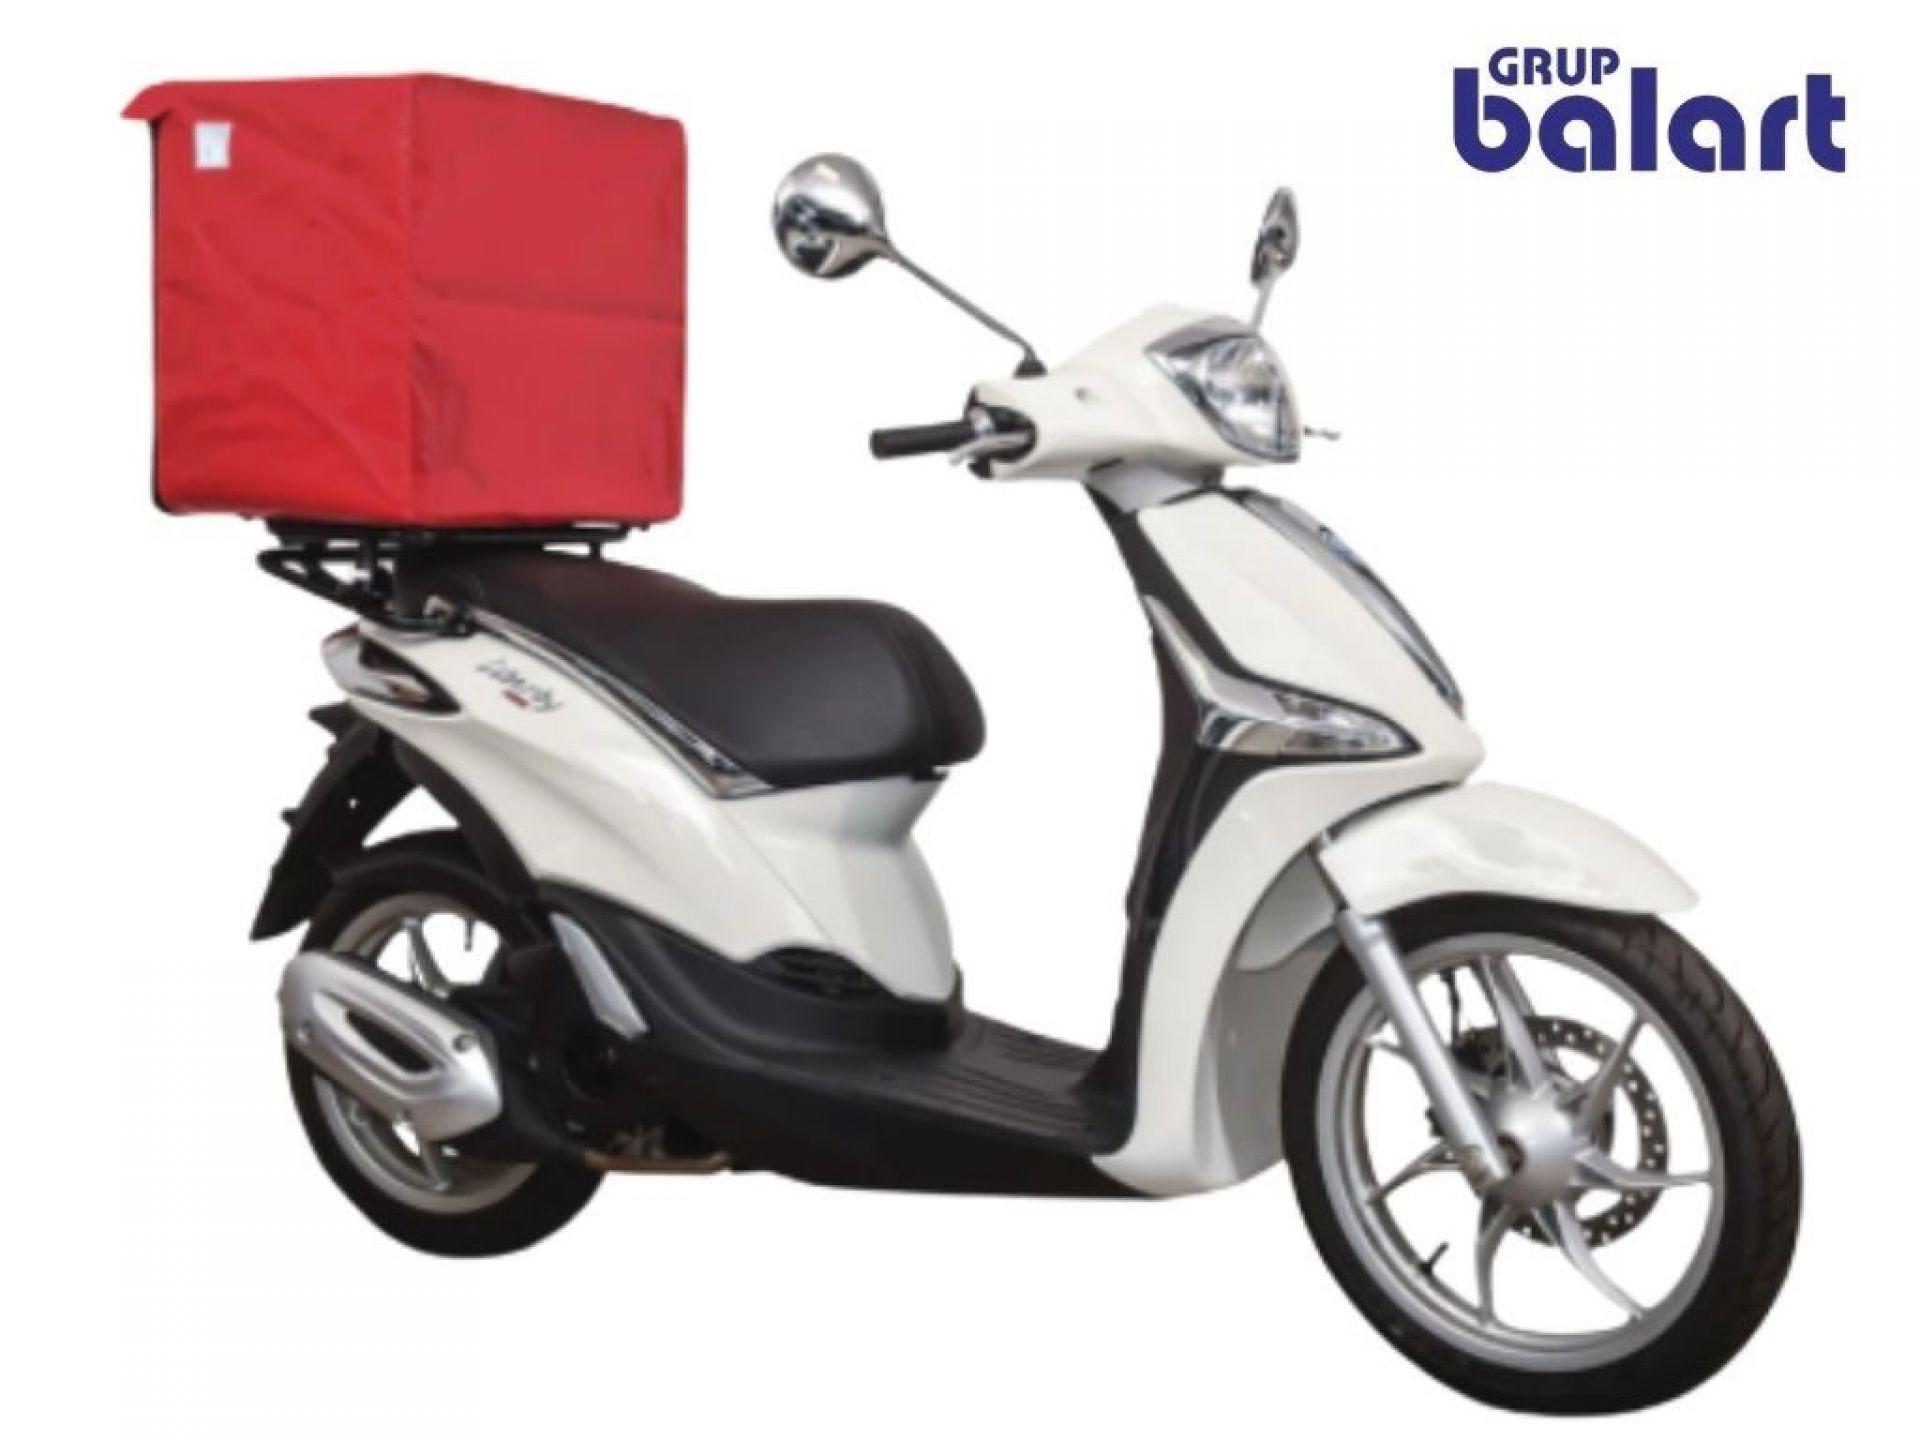 Piaggio Liberty 50 delivery